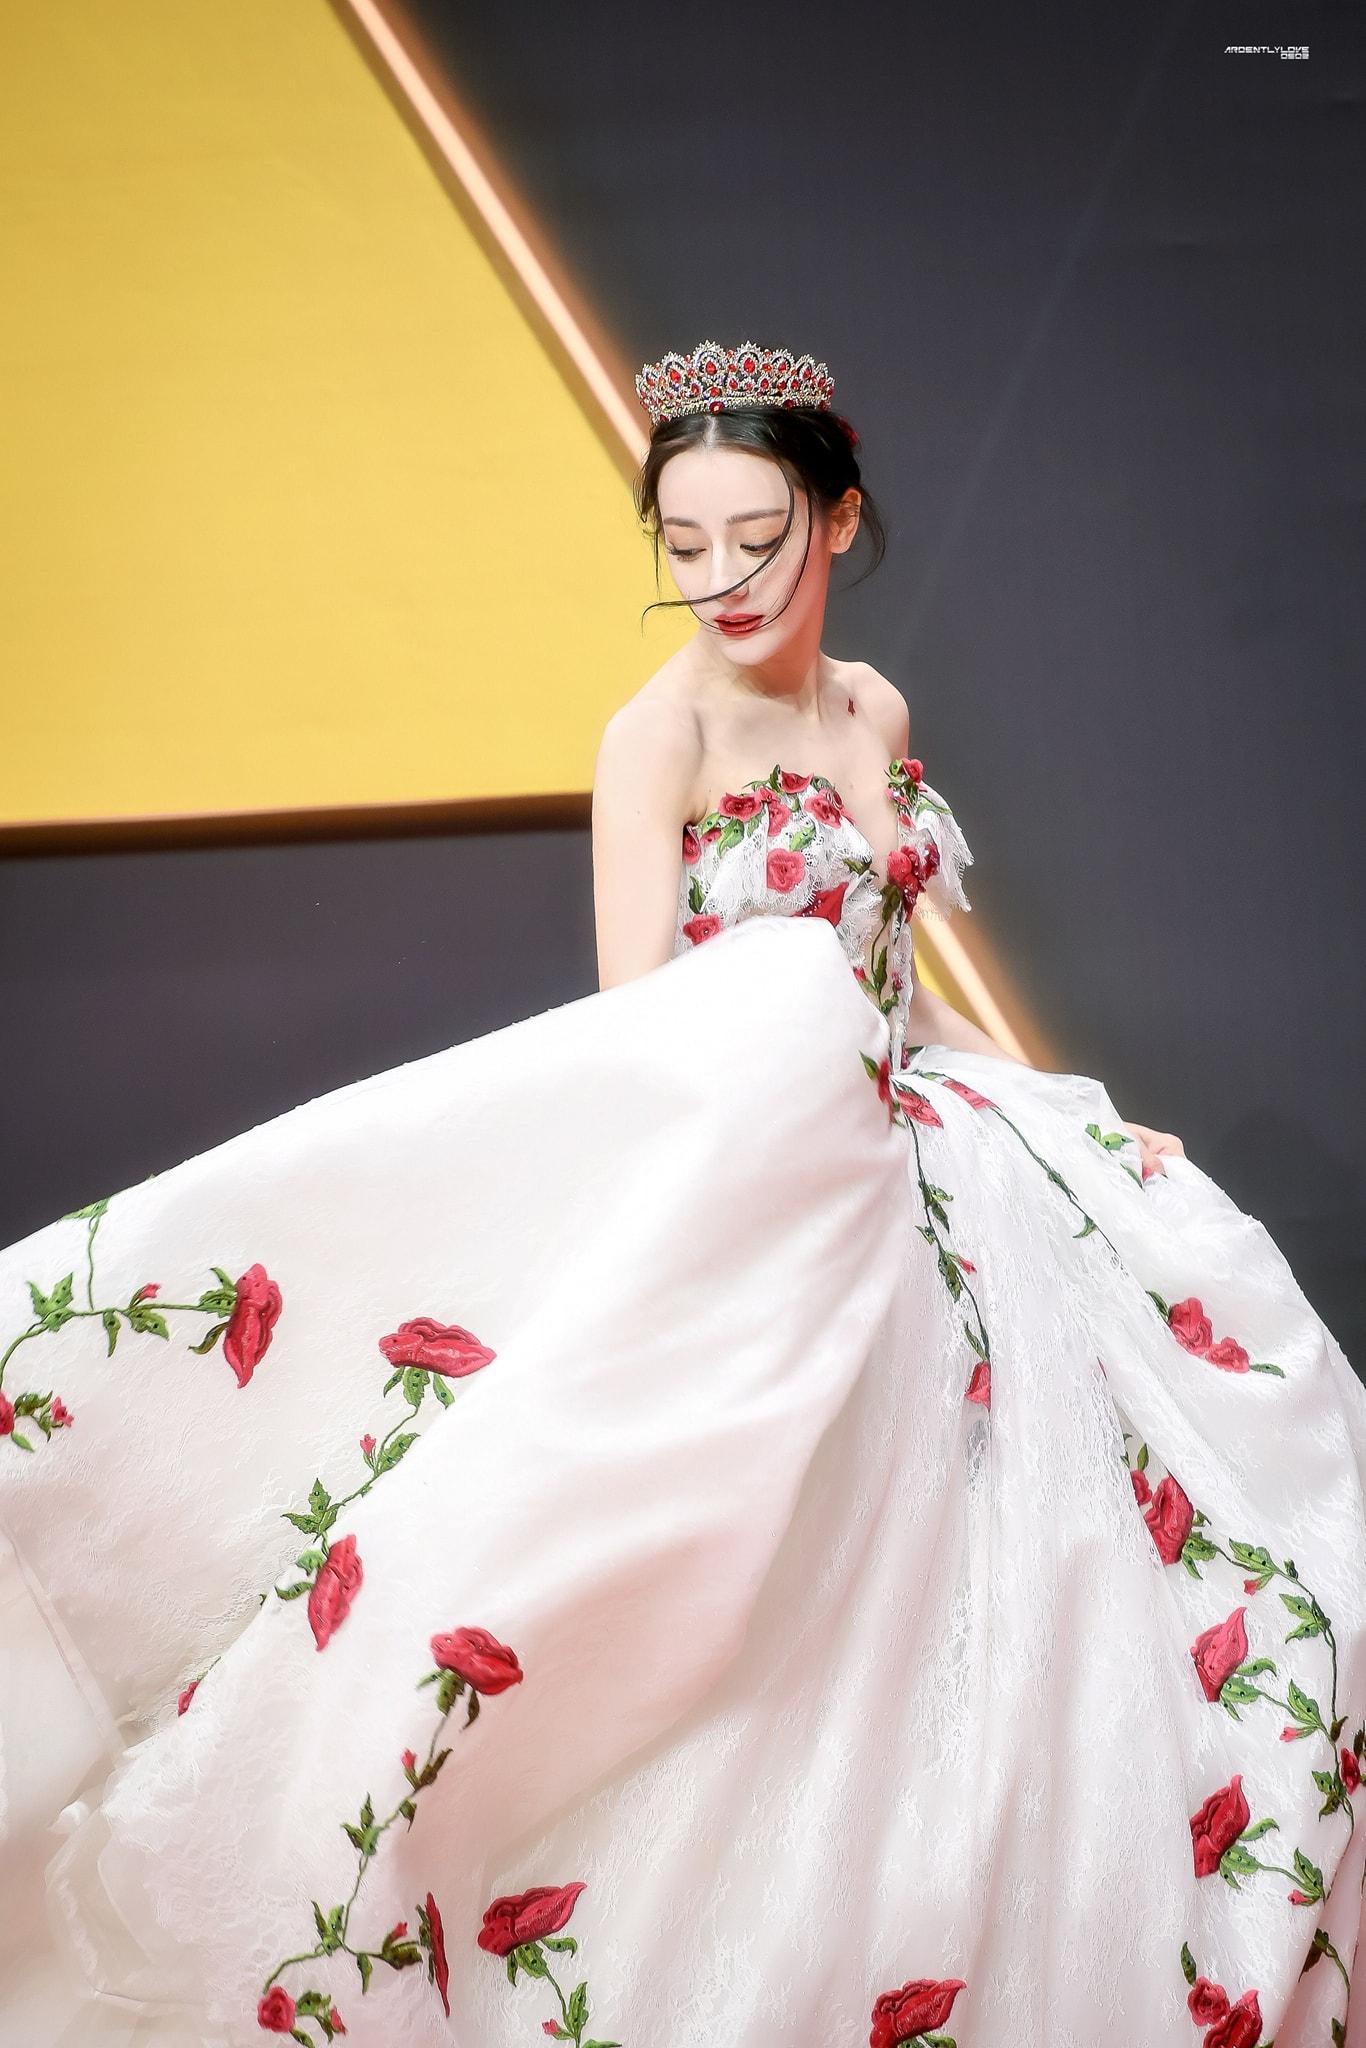 BXH sao nữ Cbiz tháng 7/2021: 'Đỉnh lưu dởm' Dương Tử top 1, Lệ Dĩnh, Diệc Phi vắng bóng 3